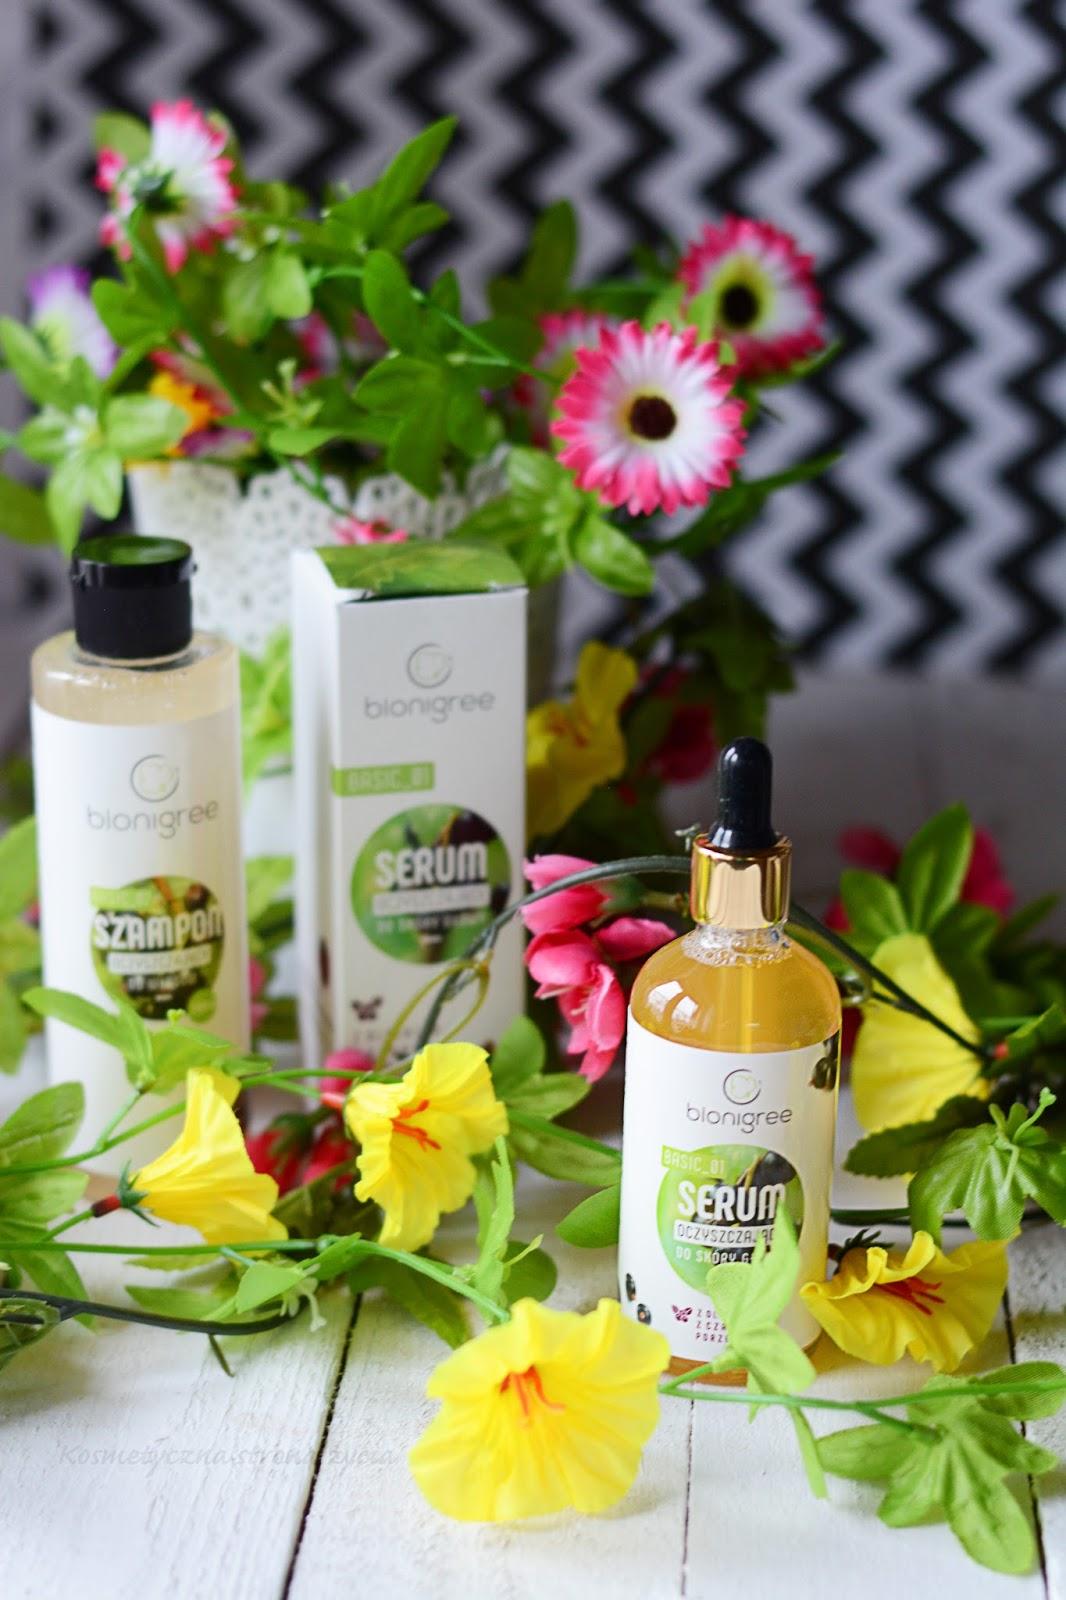 Oczyszczający szampon do włosów oraz serum oczyszczające do skory głowy Bionigree